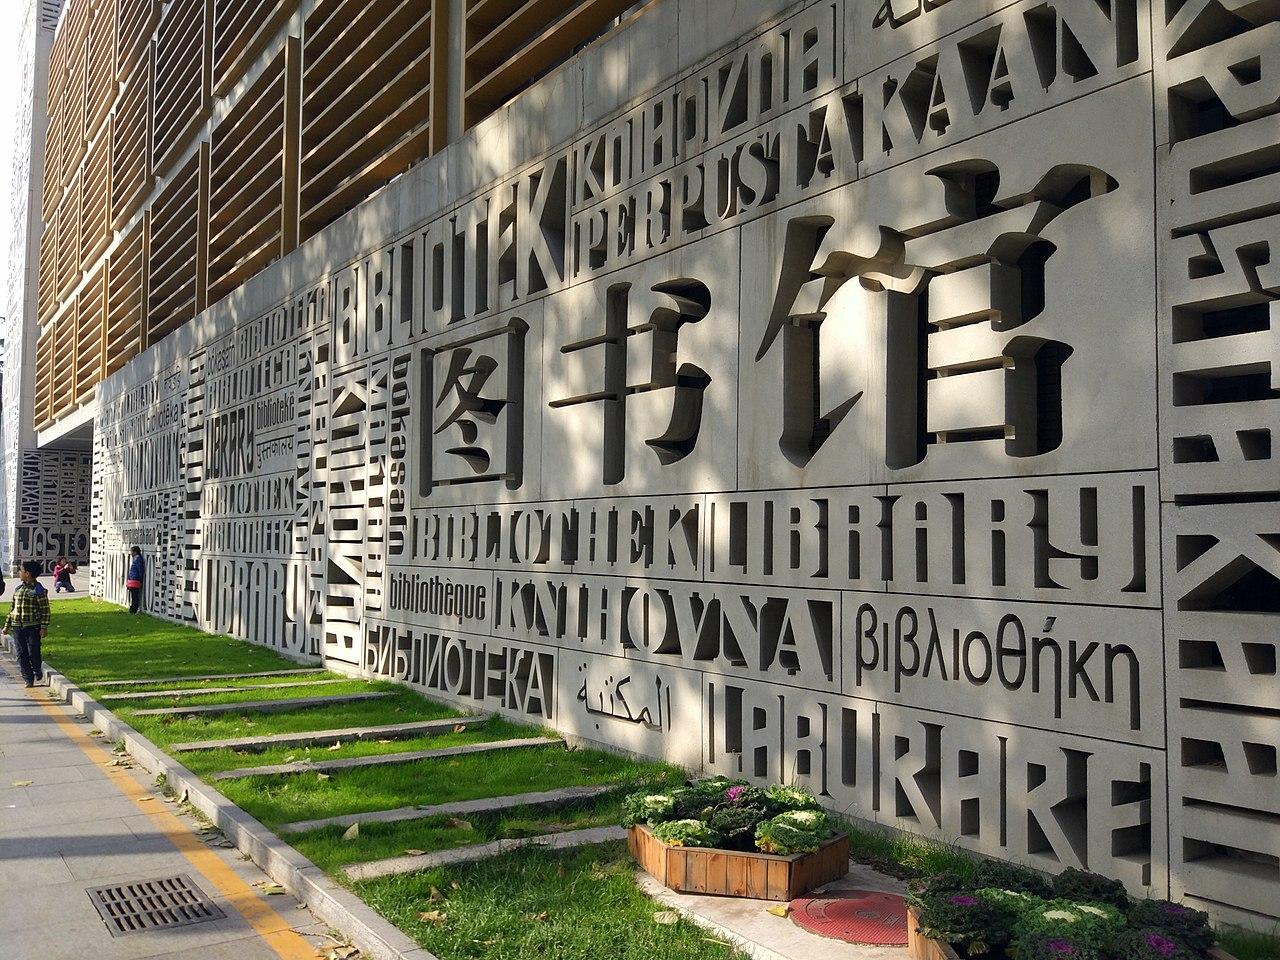 Đại học Ngoại ngữ Bắc Kinh - Trung Quốc